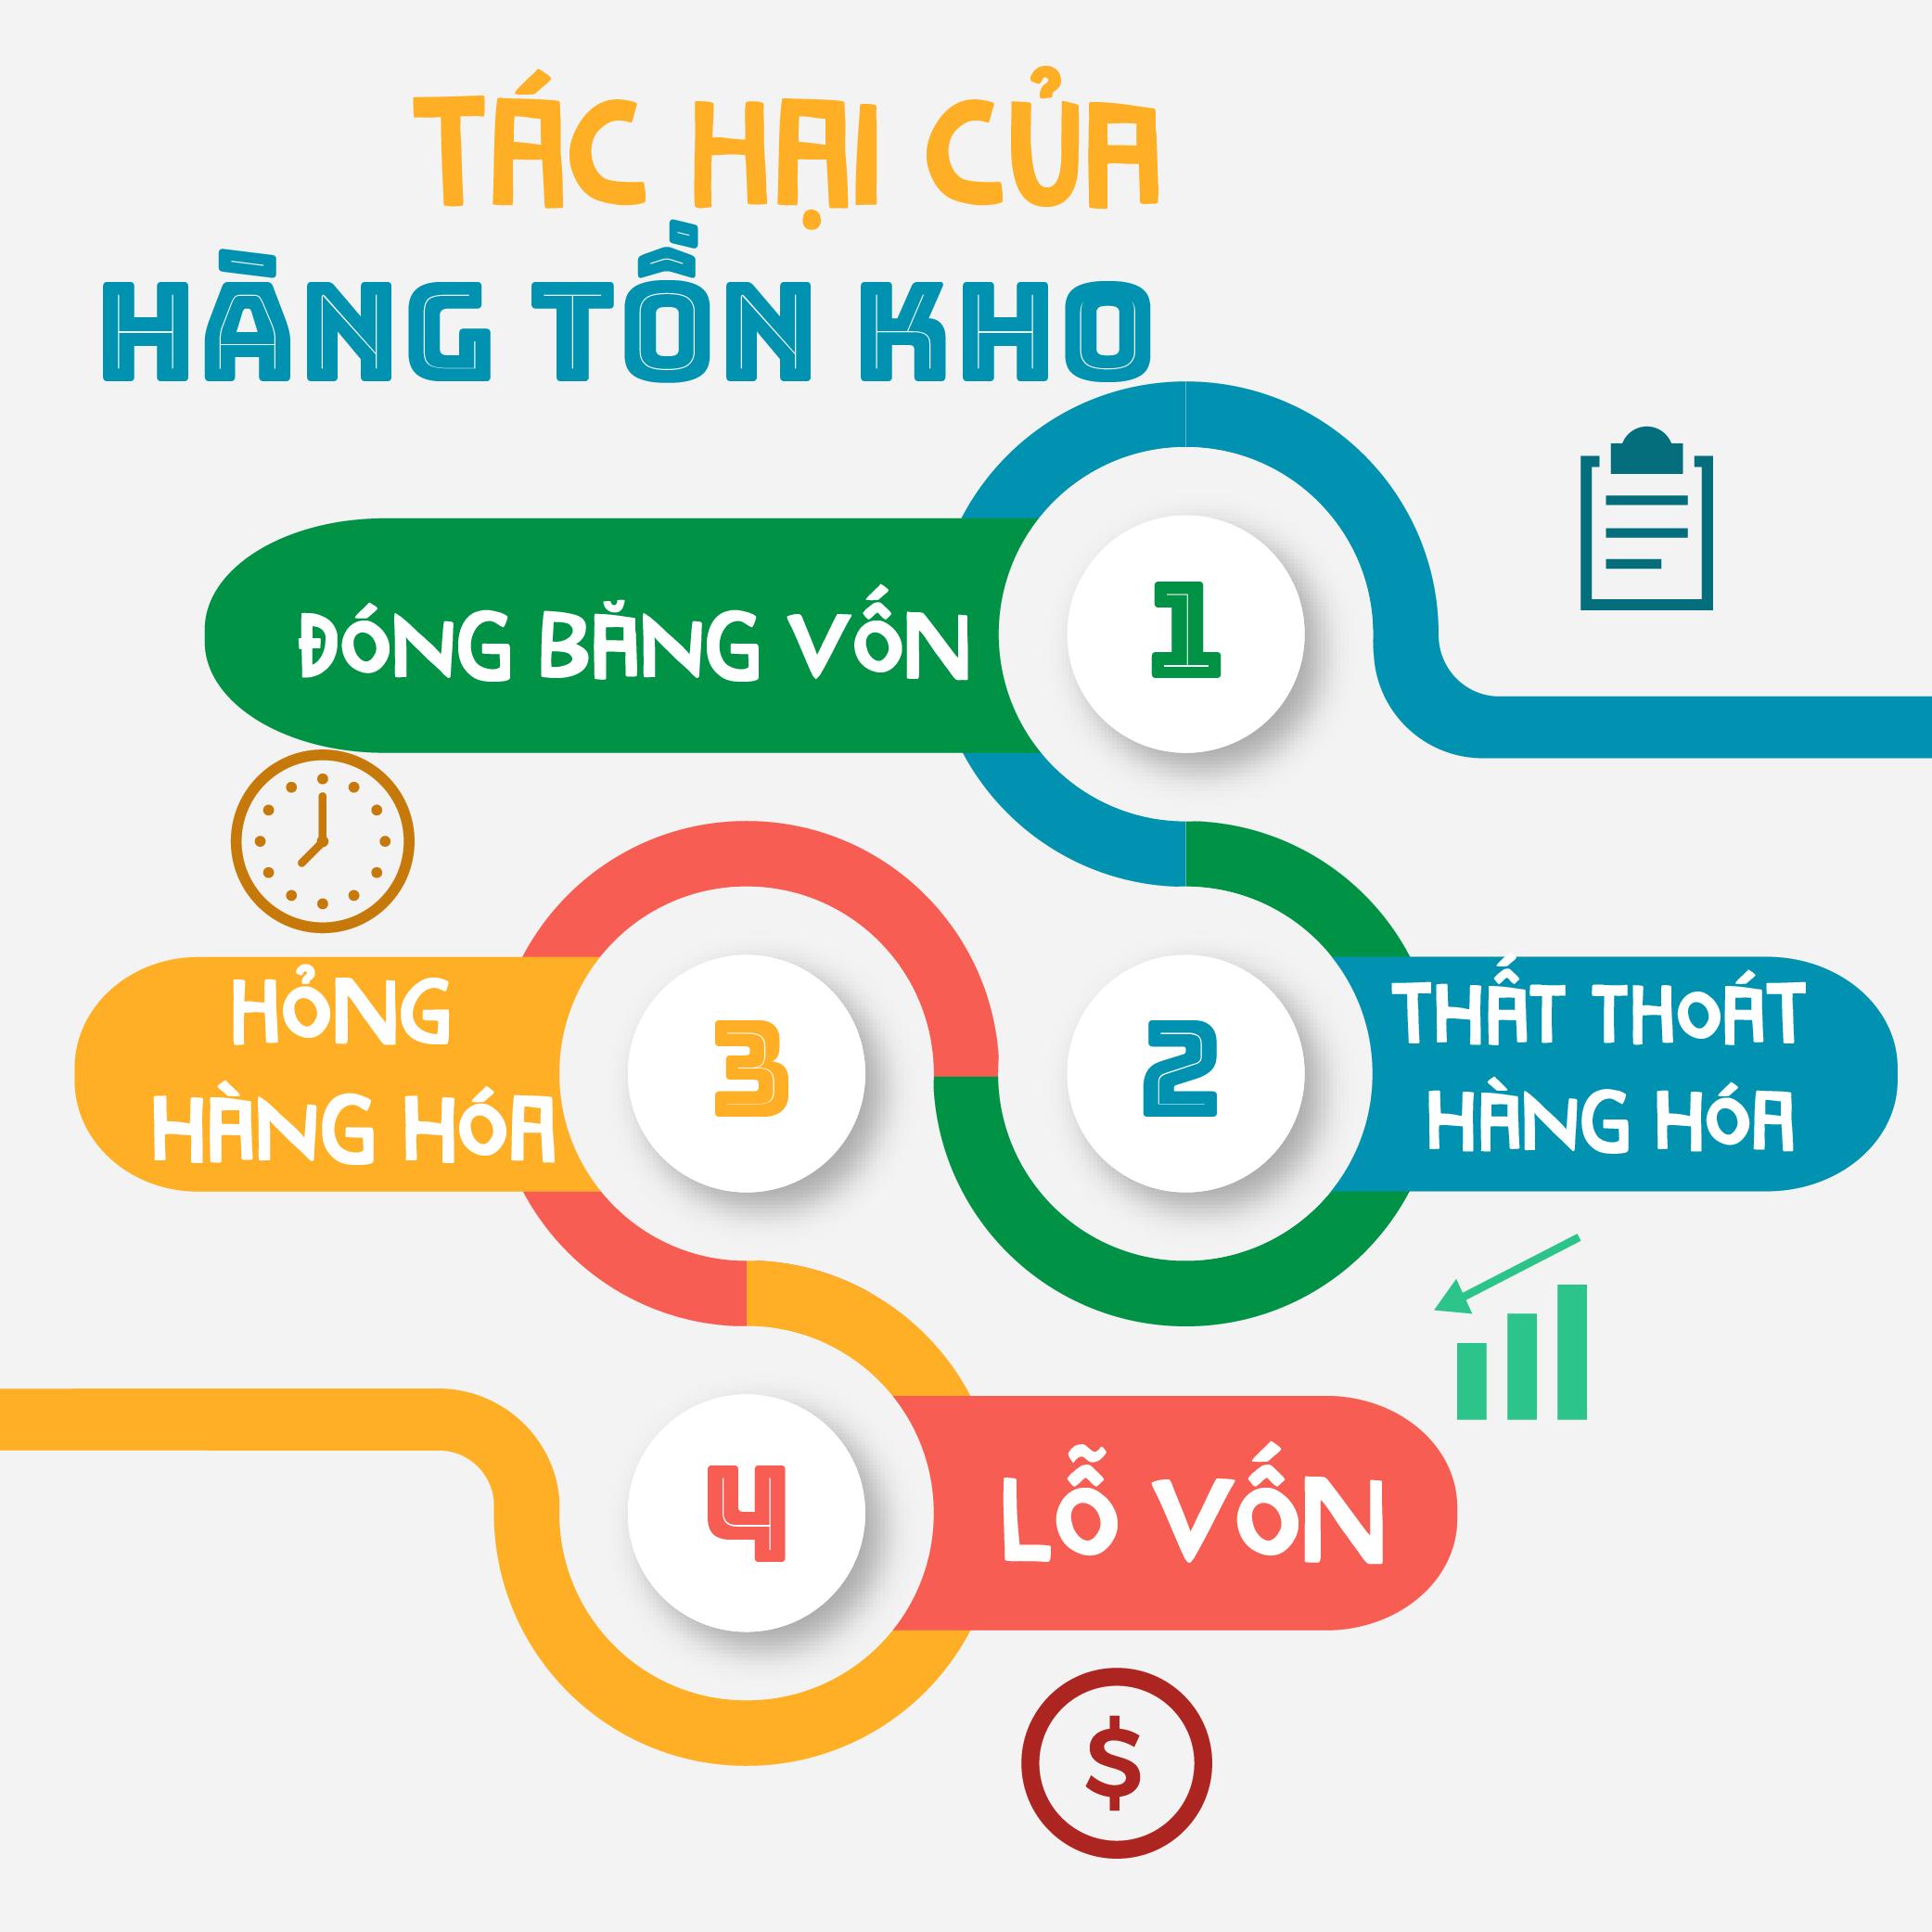 tac-hai-hang-ton-kho-01